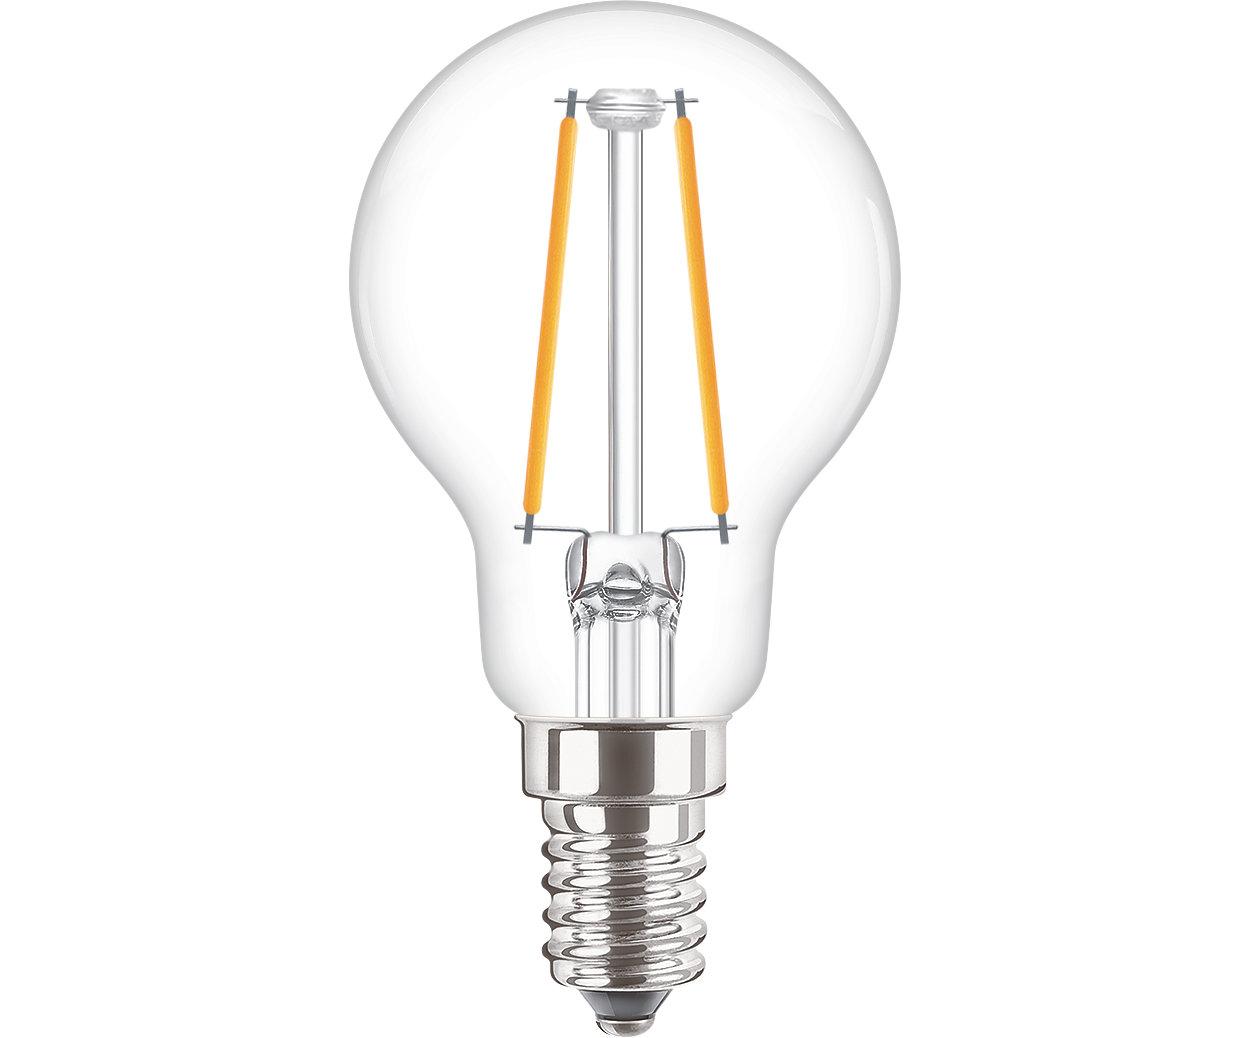 Lampes LED à filament classiques pour éclairage décoratif